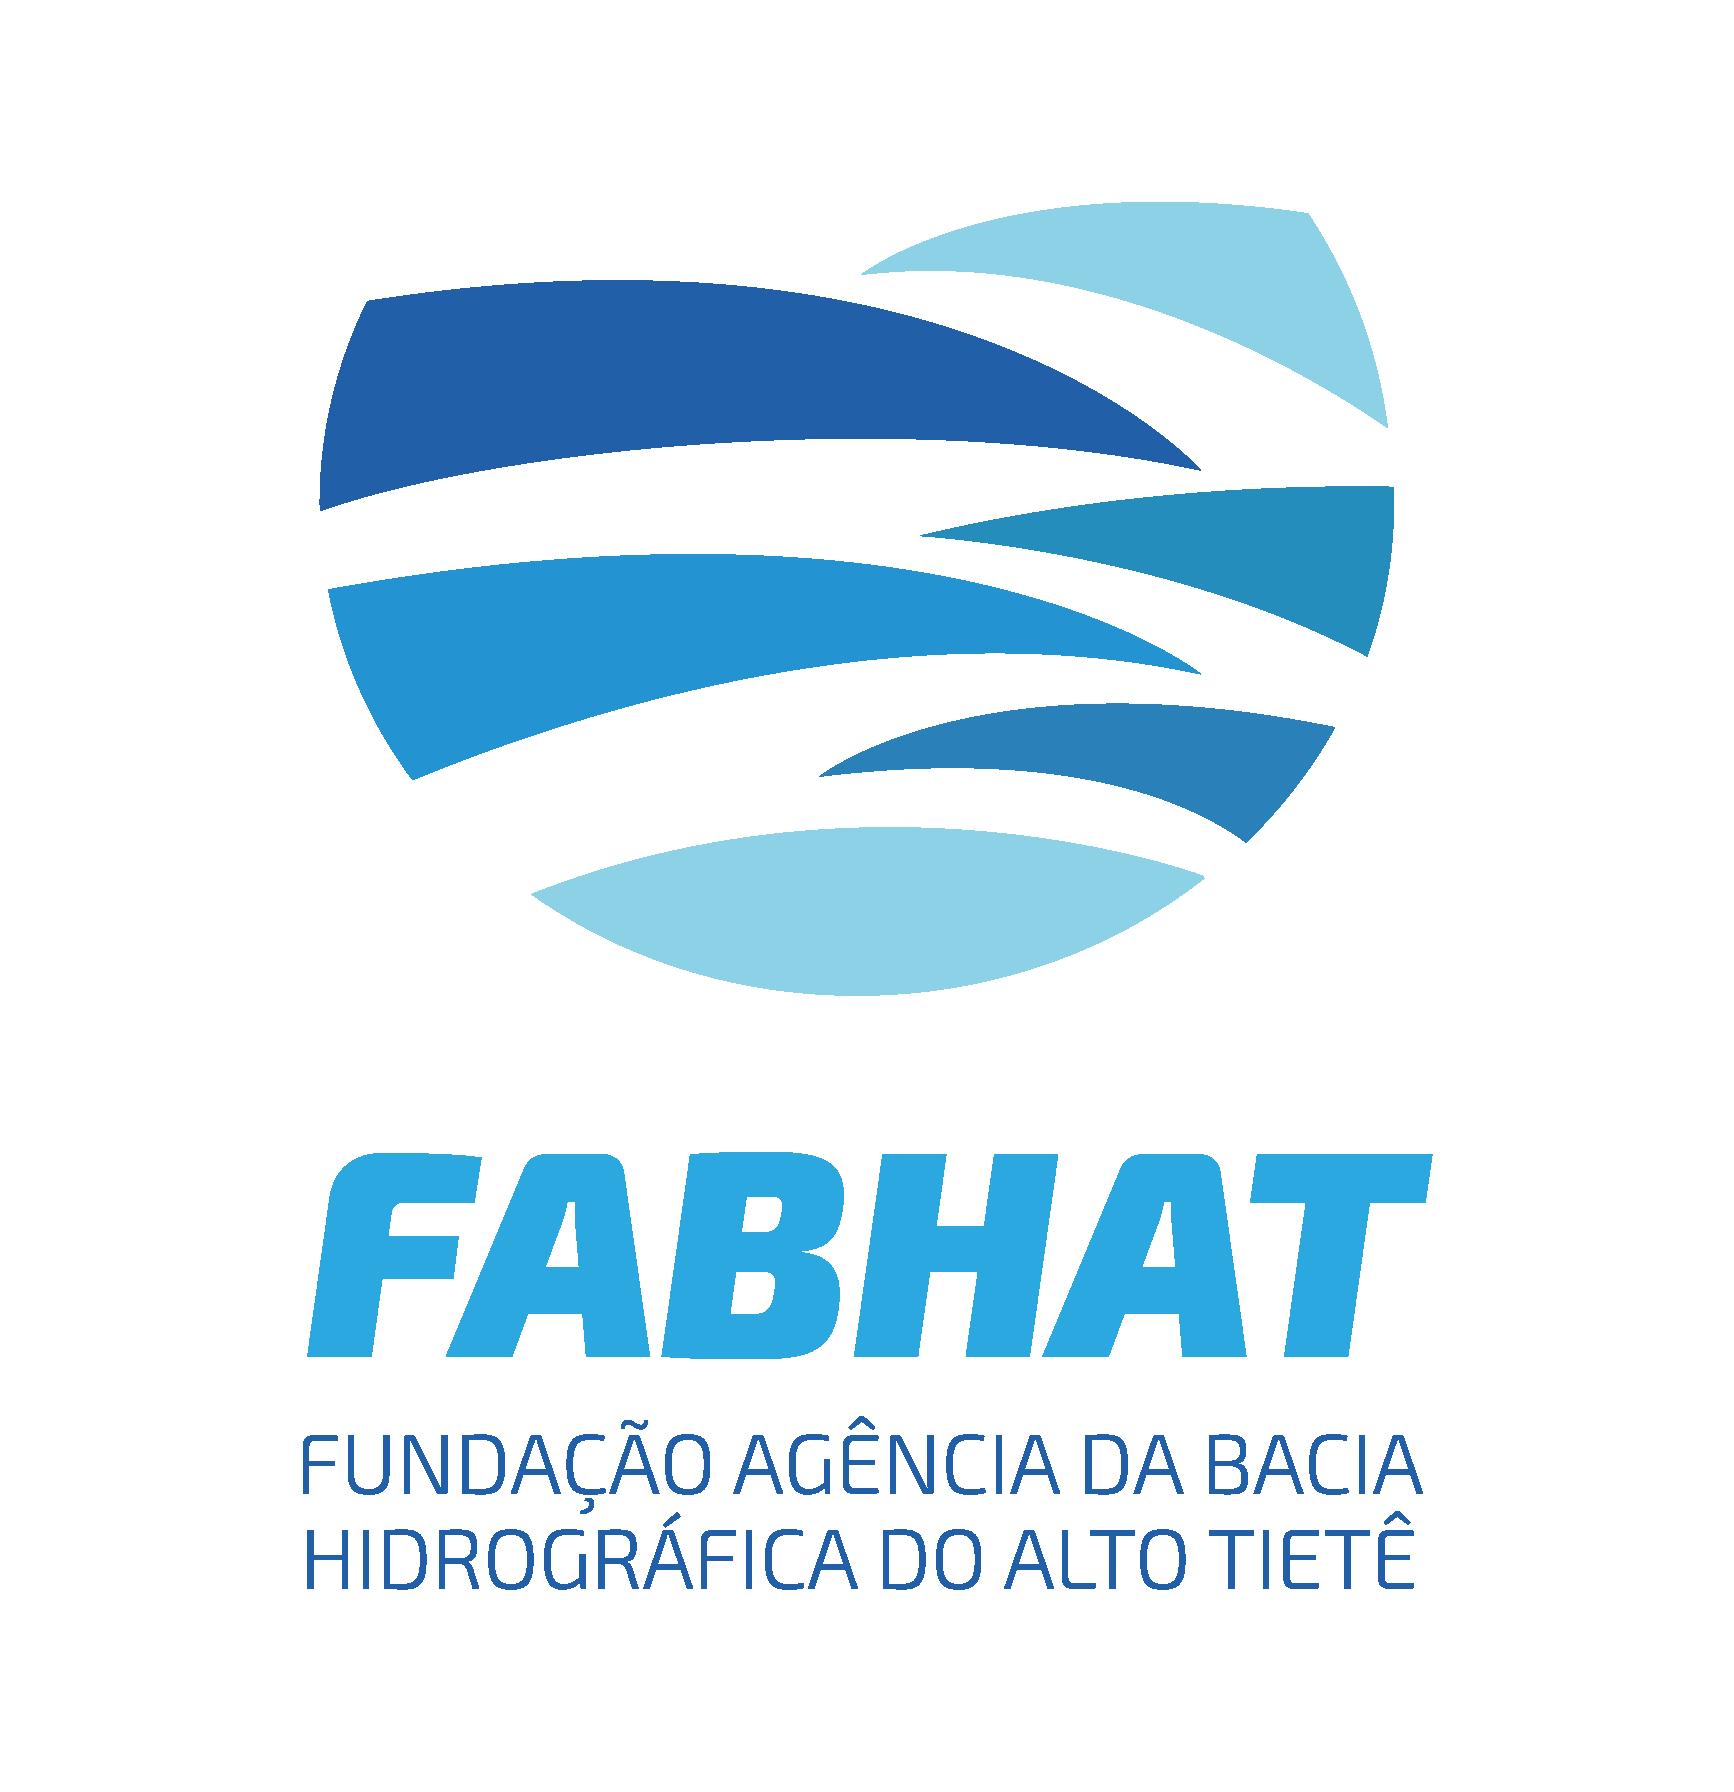 FABHAT